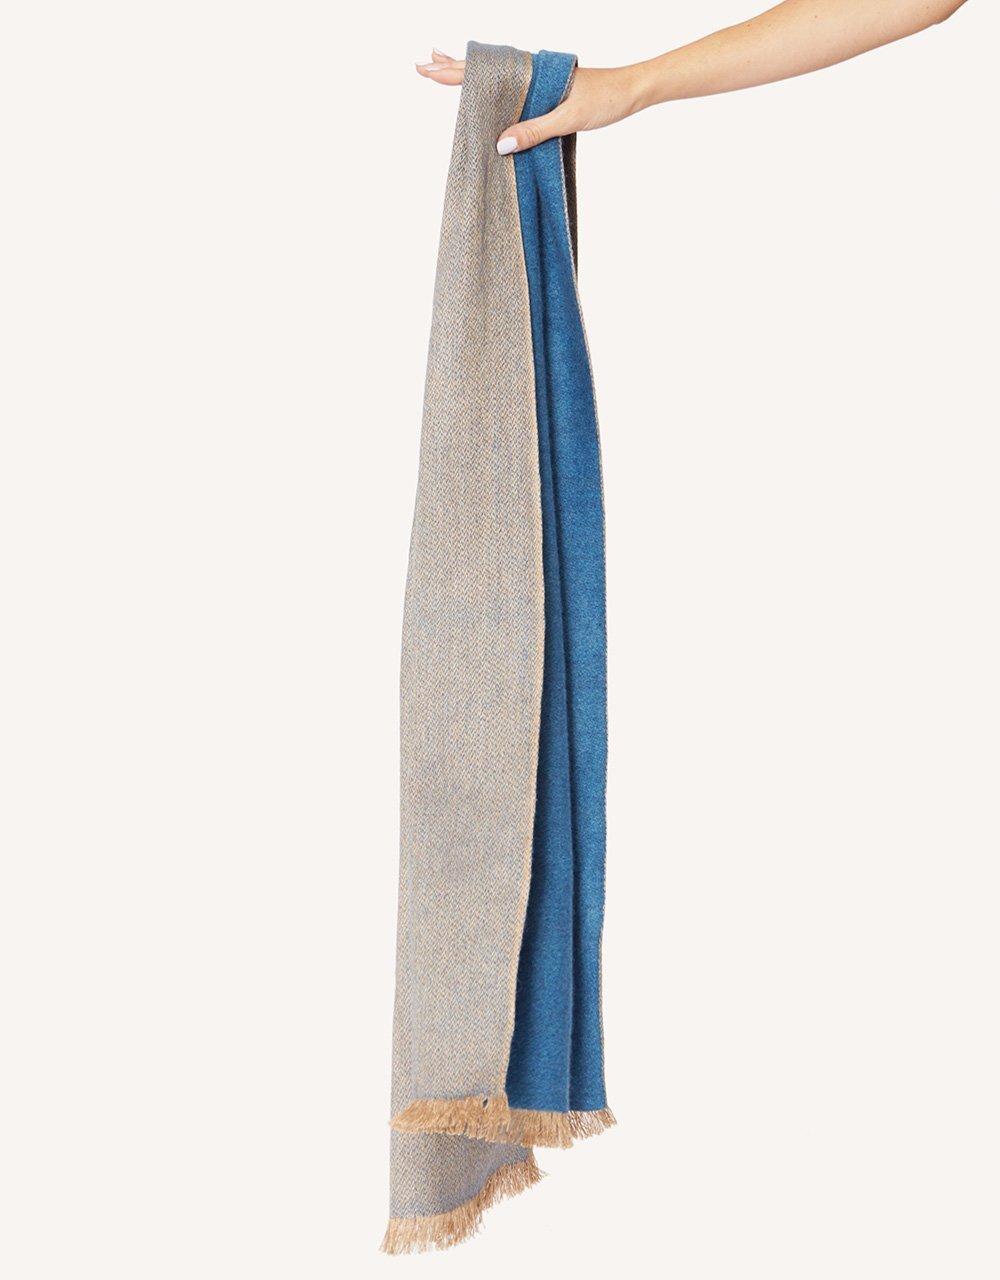 foulard11d